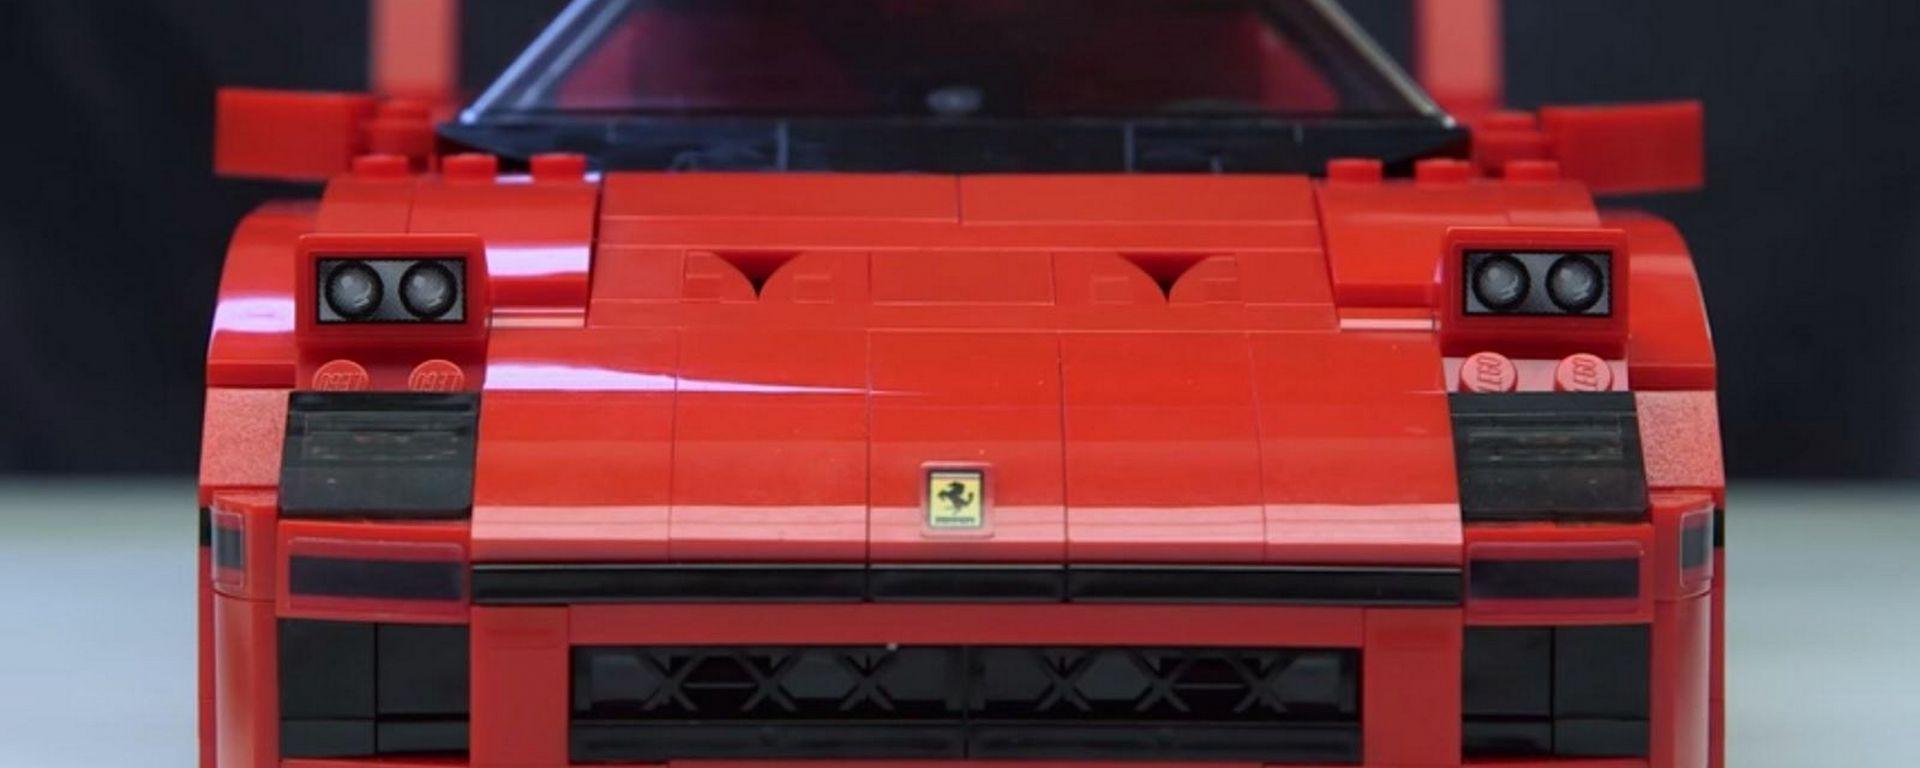 Mattoncini ruggenti: la Ferrari F40 di Lego